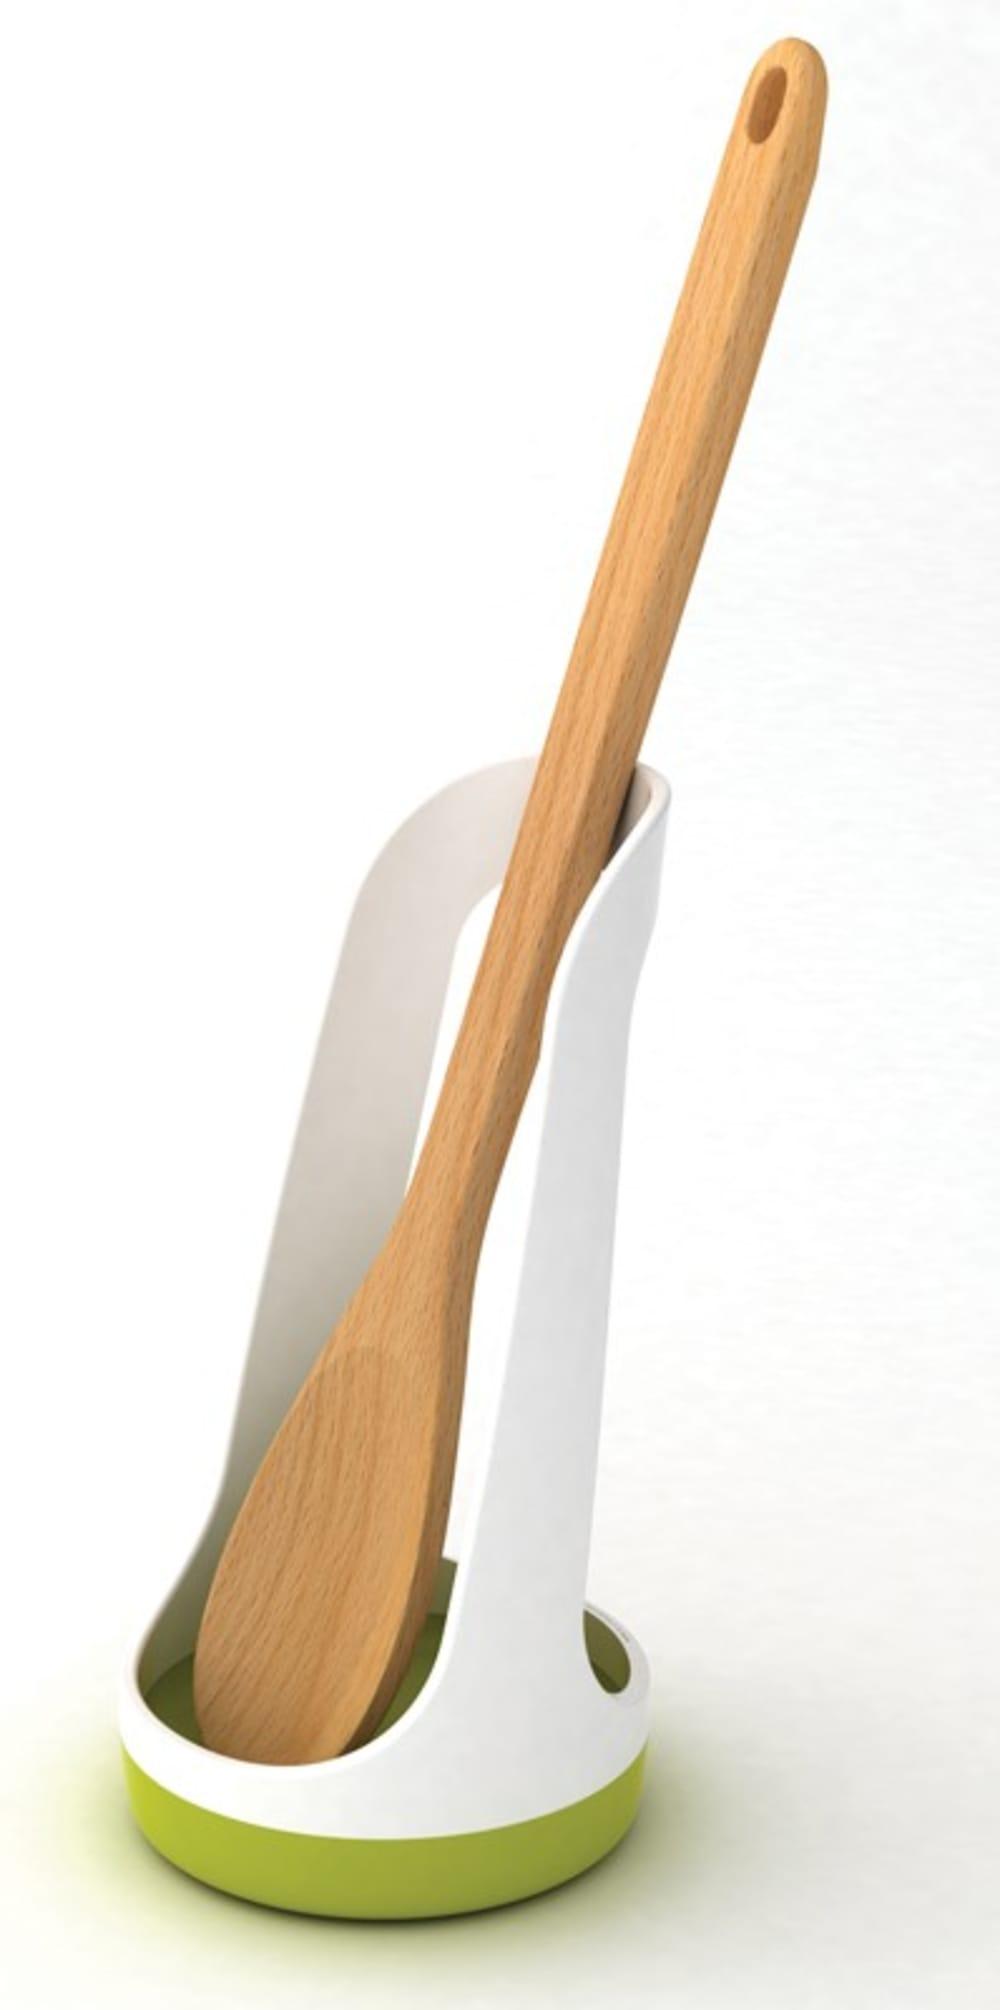 Podstawka na łyżkę SPOONBASE szara JOSEPH JOSEPH